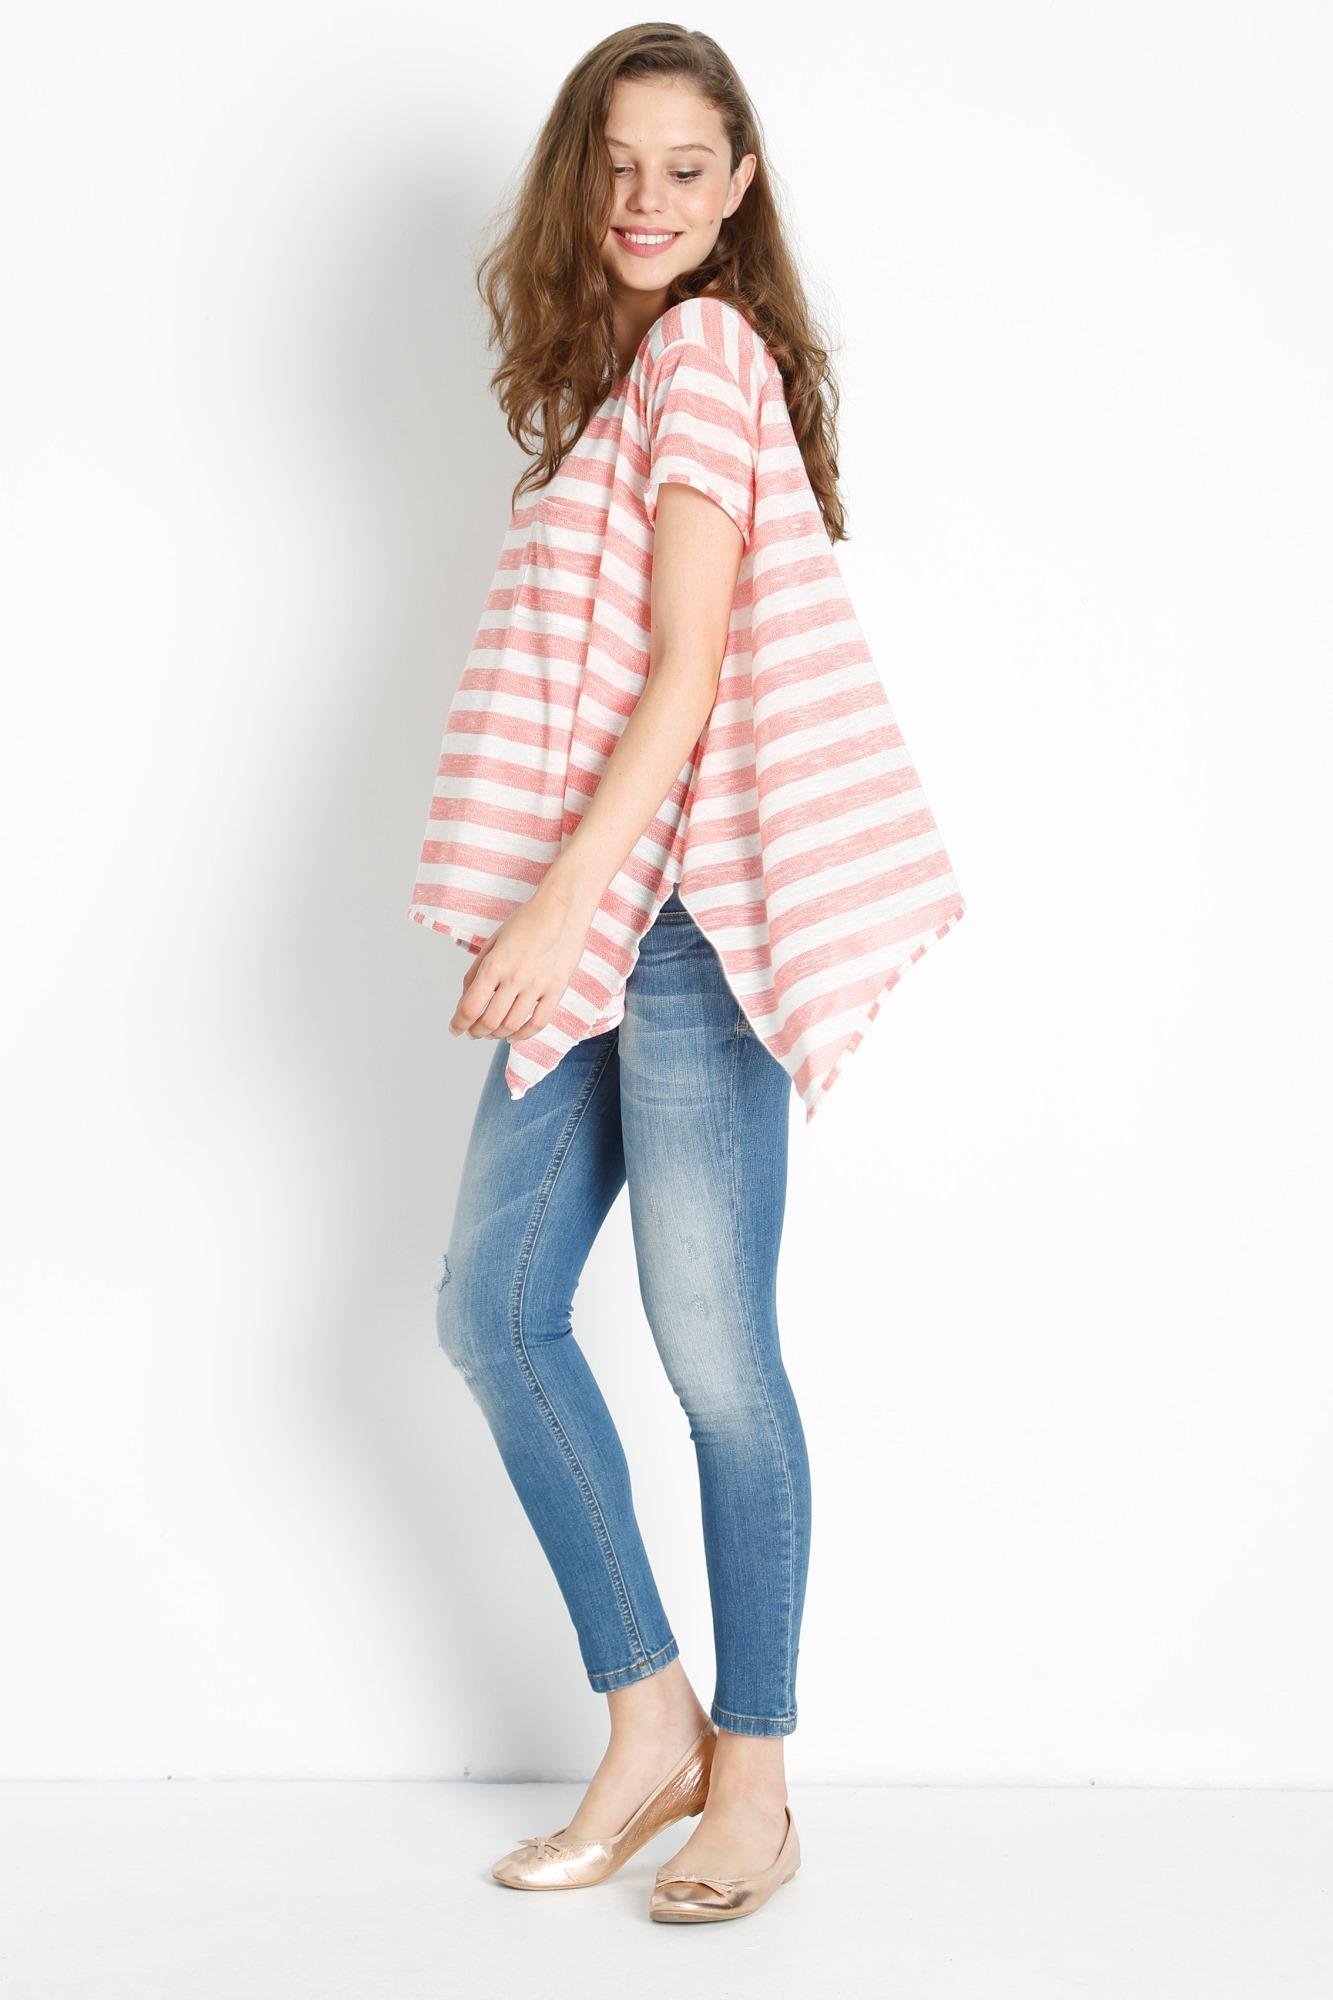 Фото джинсы для беременных GEBE, зауженного укороченного кроя от магазина СкороМама, синий, размеры.